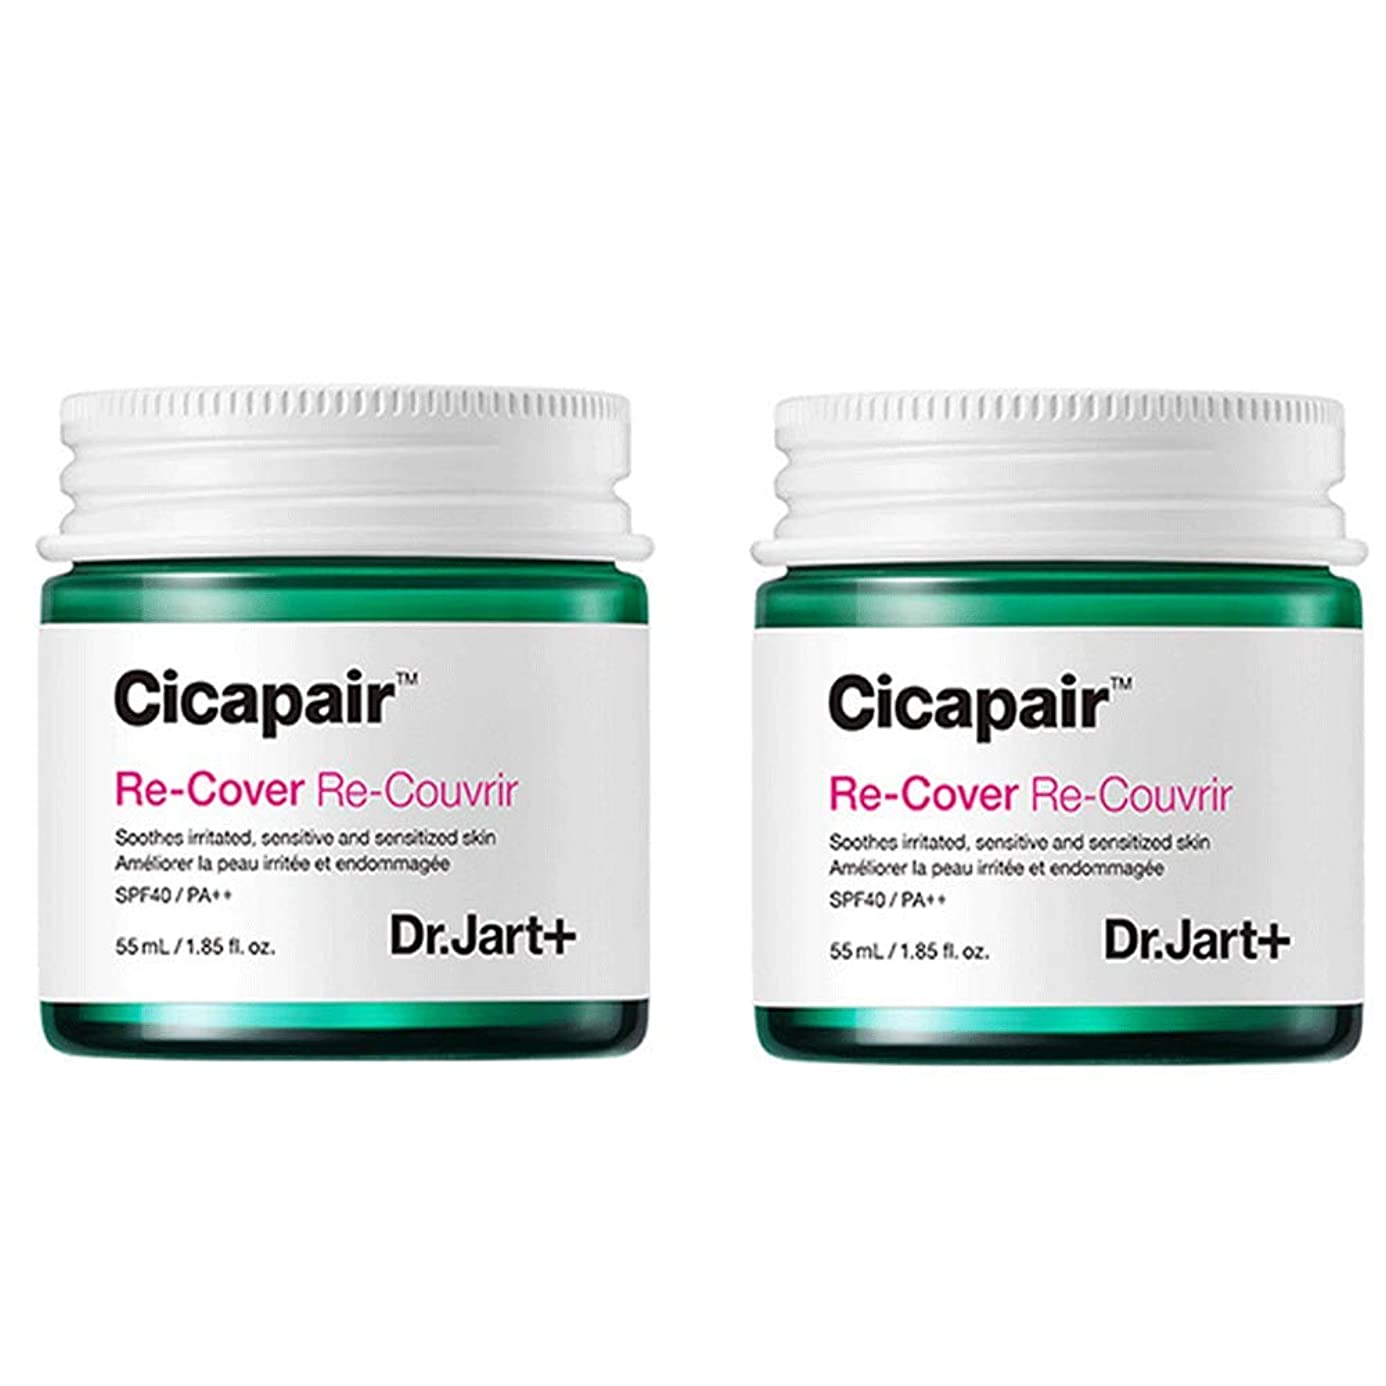 ハウジングプロットエッセンスDr.Jart+ Cicapair ReCover X 2 ドクタージャルトシカペアリカバー X 2 (2代目)皮膚回復 紫外線カット 黄砂ケア [並行輸入品]